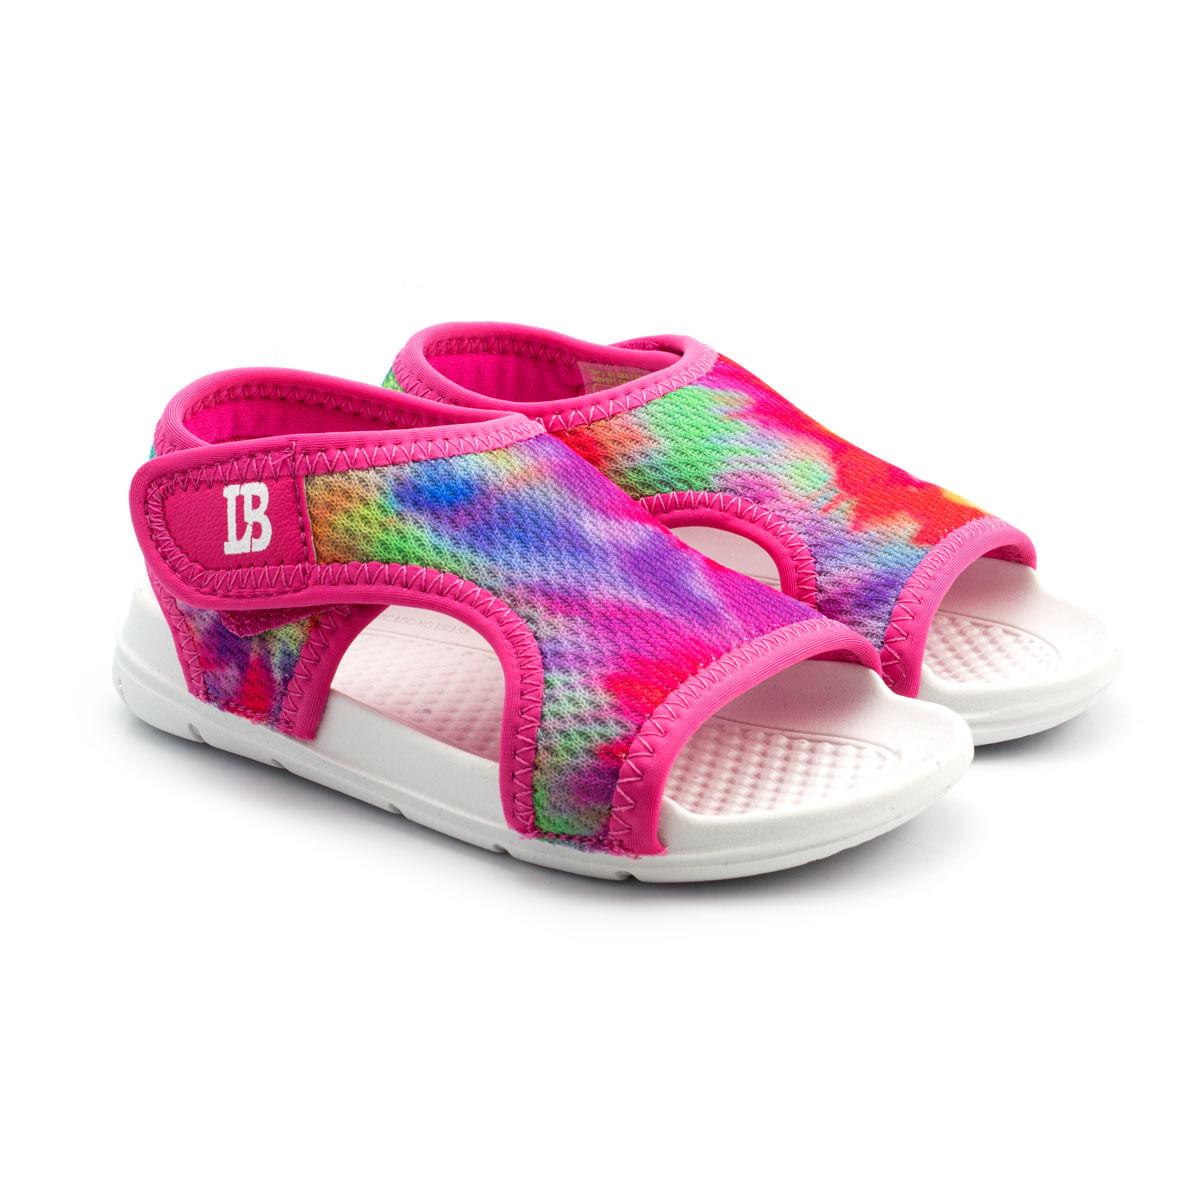 Sandalia-Infantil-Sporty-Tie-Dye-Girls-Ludique-et-Badin--18-ao-27--904L514--VER21-